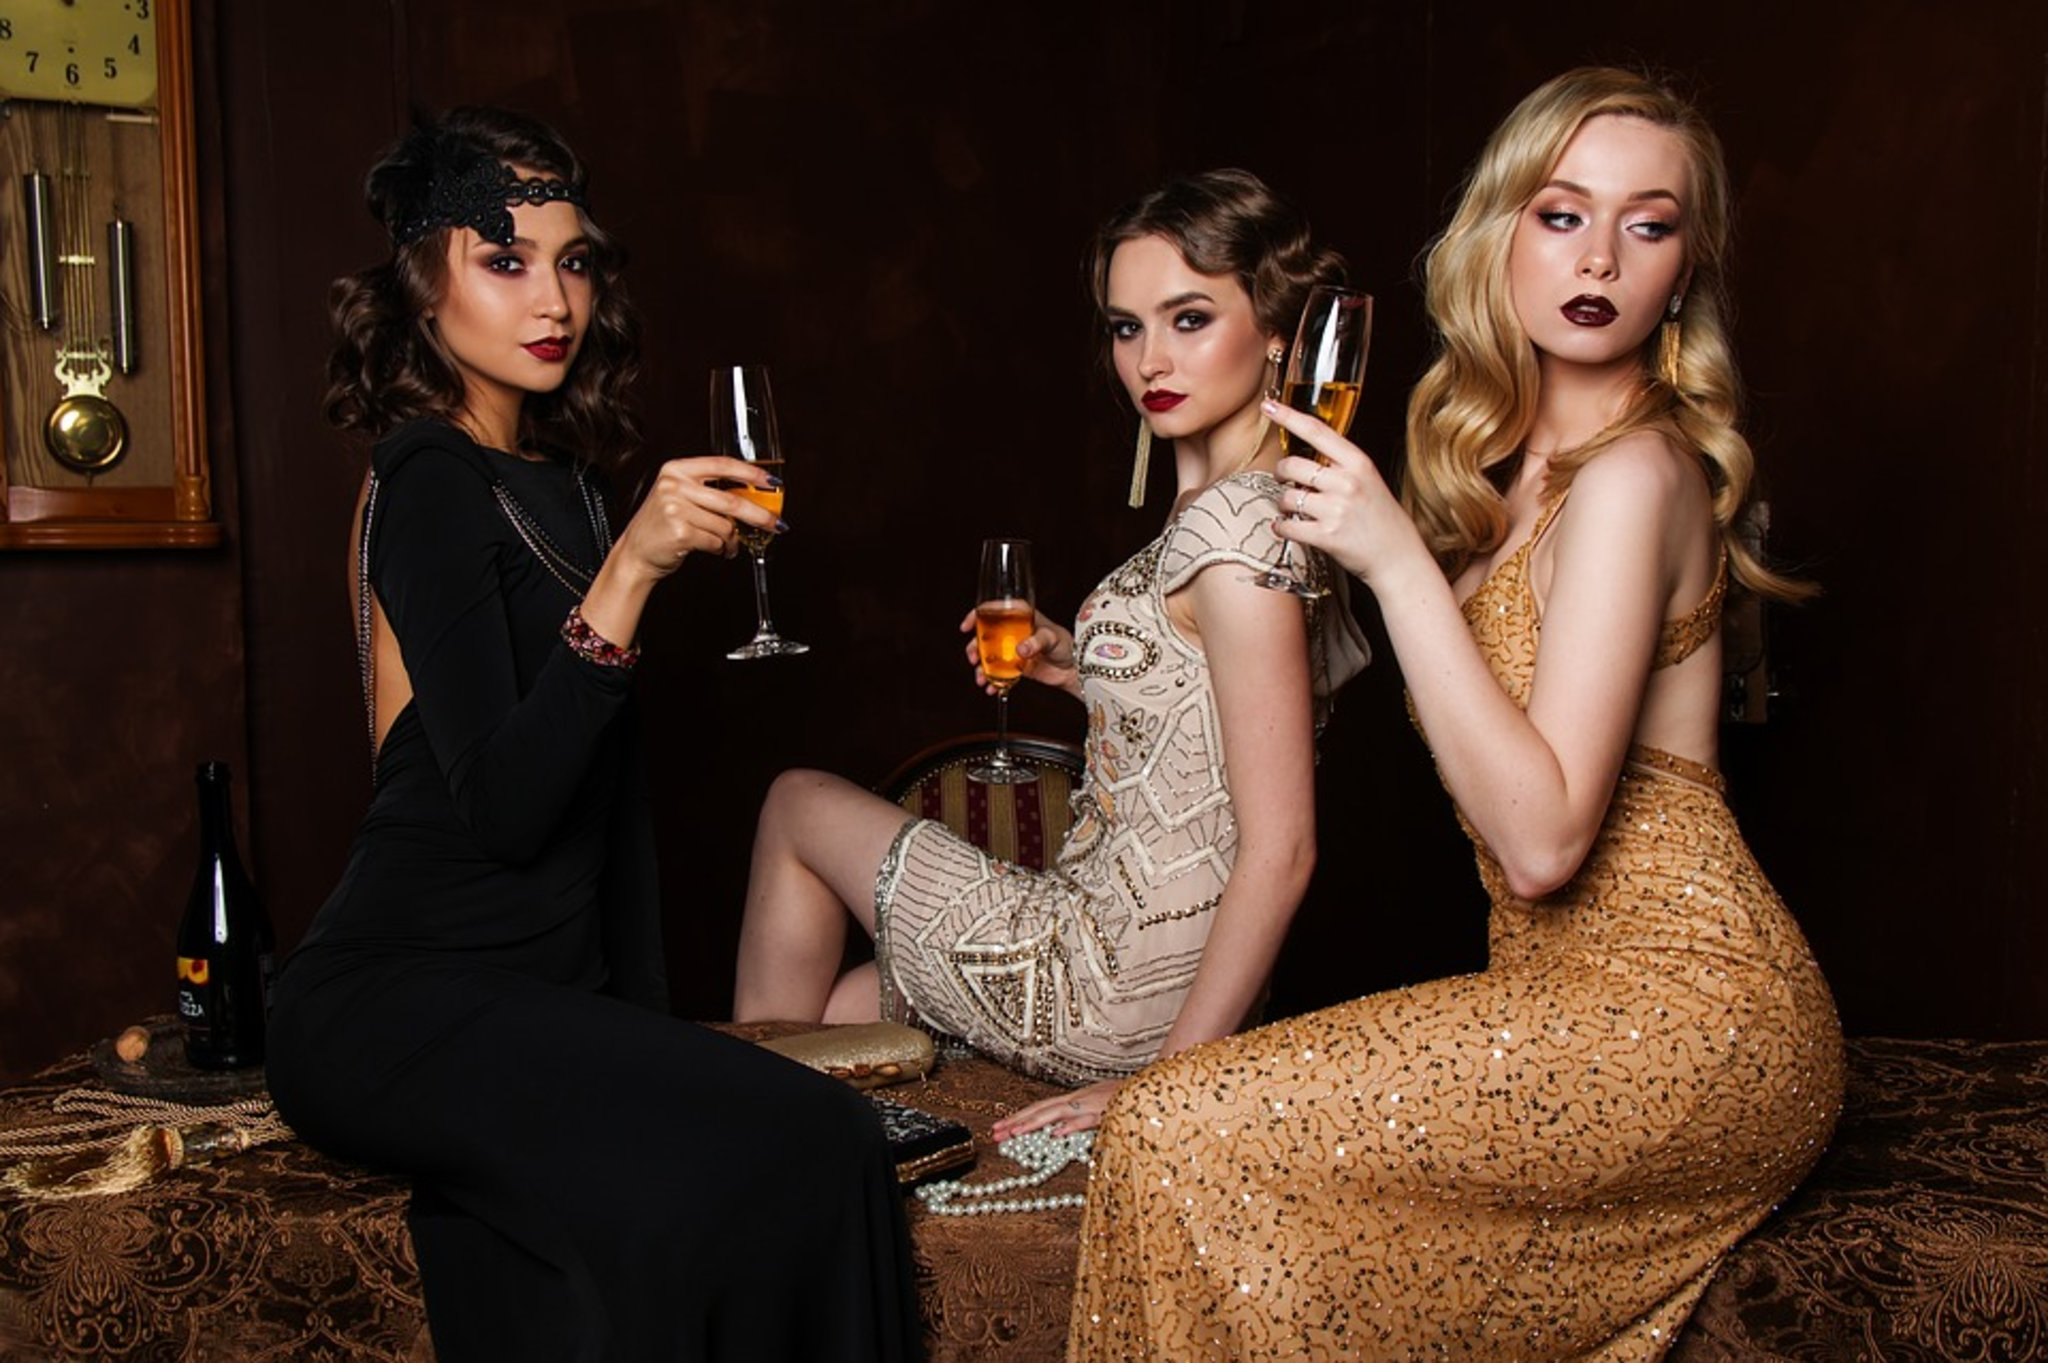 Картинки по запросу 3 девушки с вином